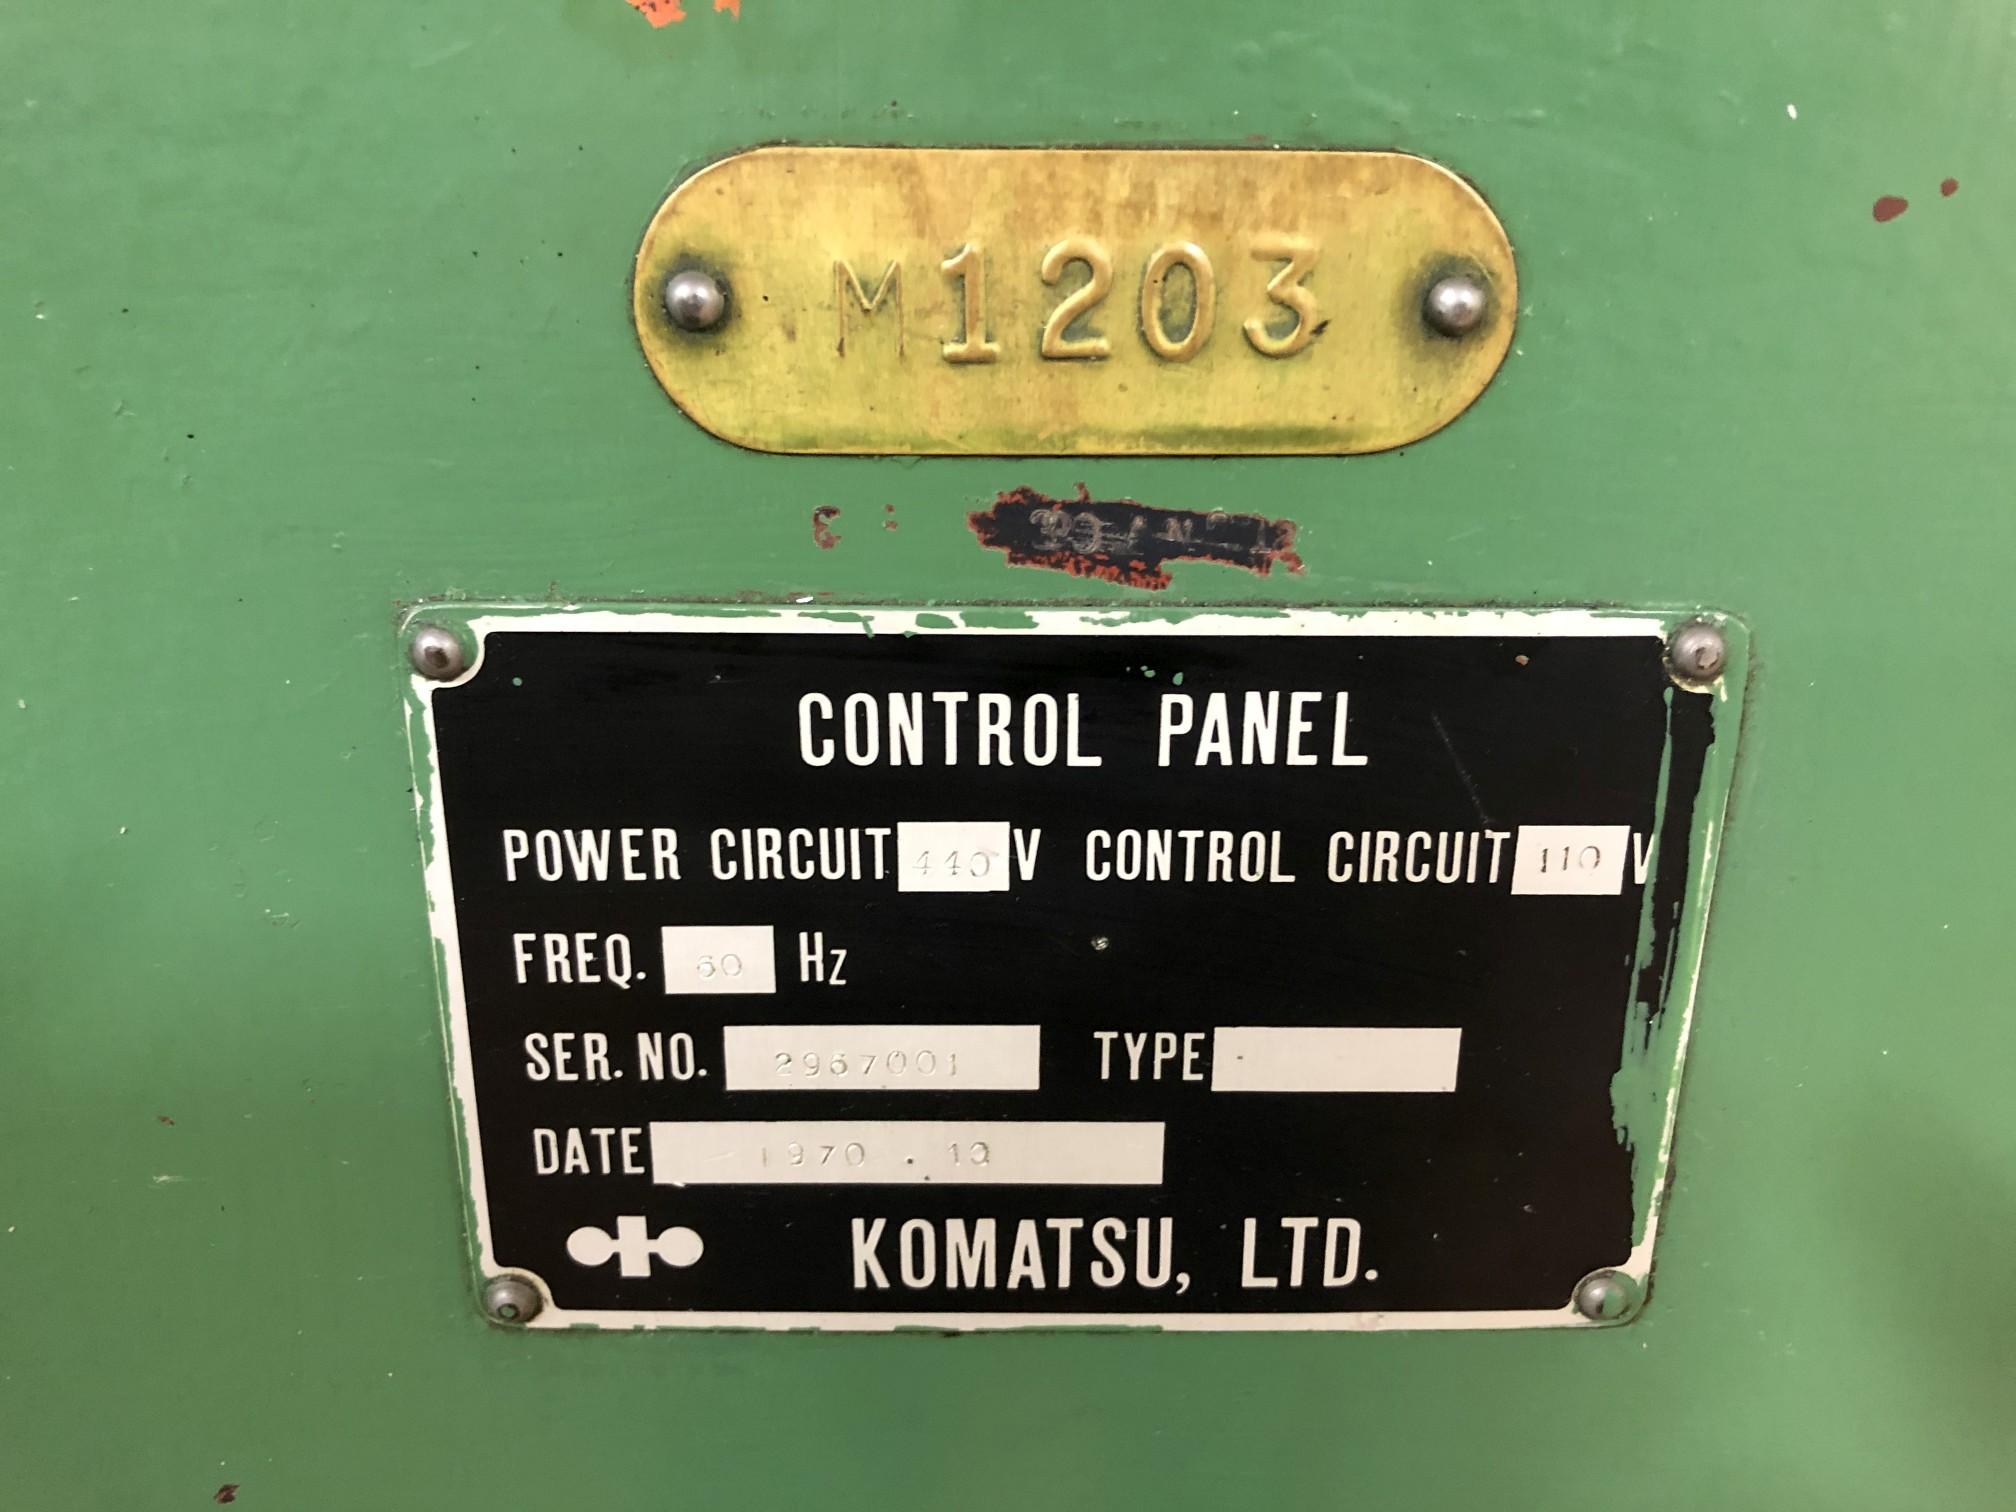 800 Ton Komatsu Maypress Knuckle Joint Press - Image 16 of 18